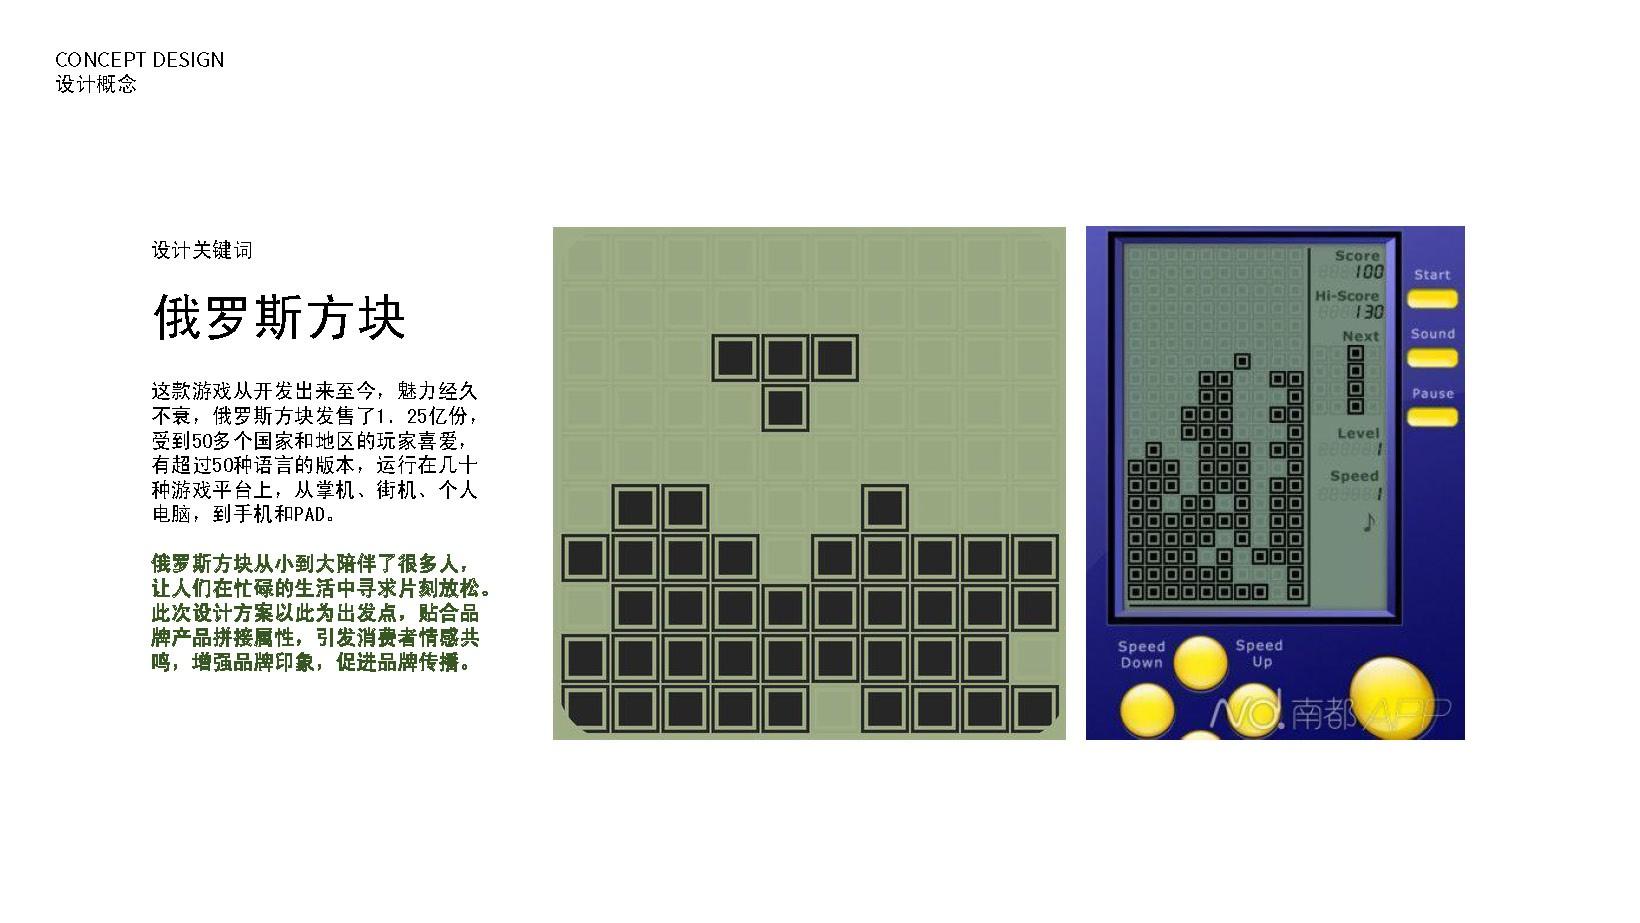 至构-中山公园龙之梦店设计方案_页面_2